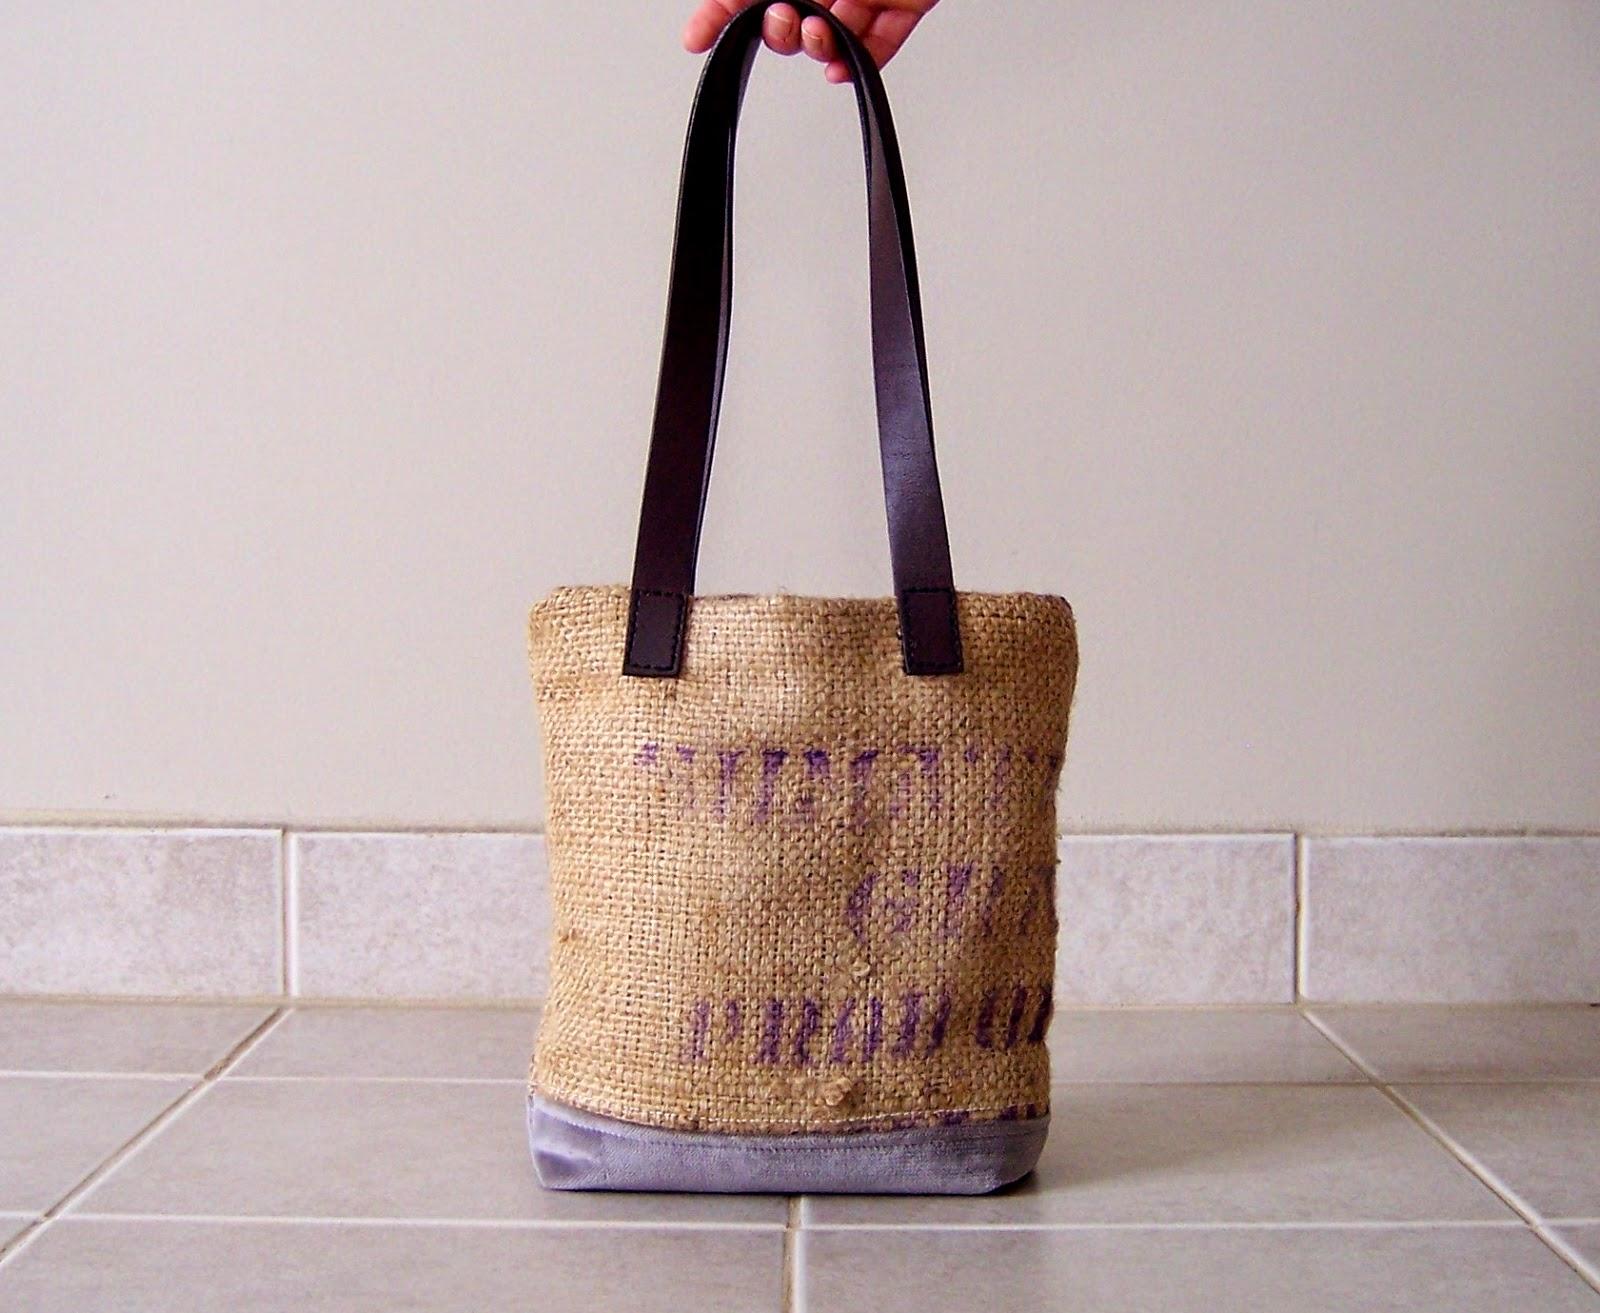 Gavo burlap tote bag - exterior - linaandvi.blogspot.com